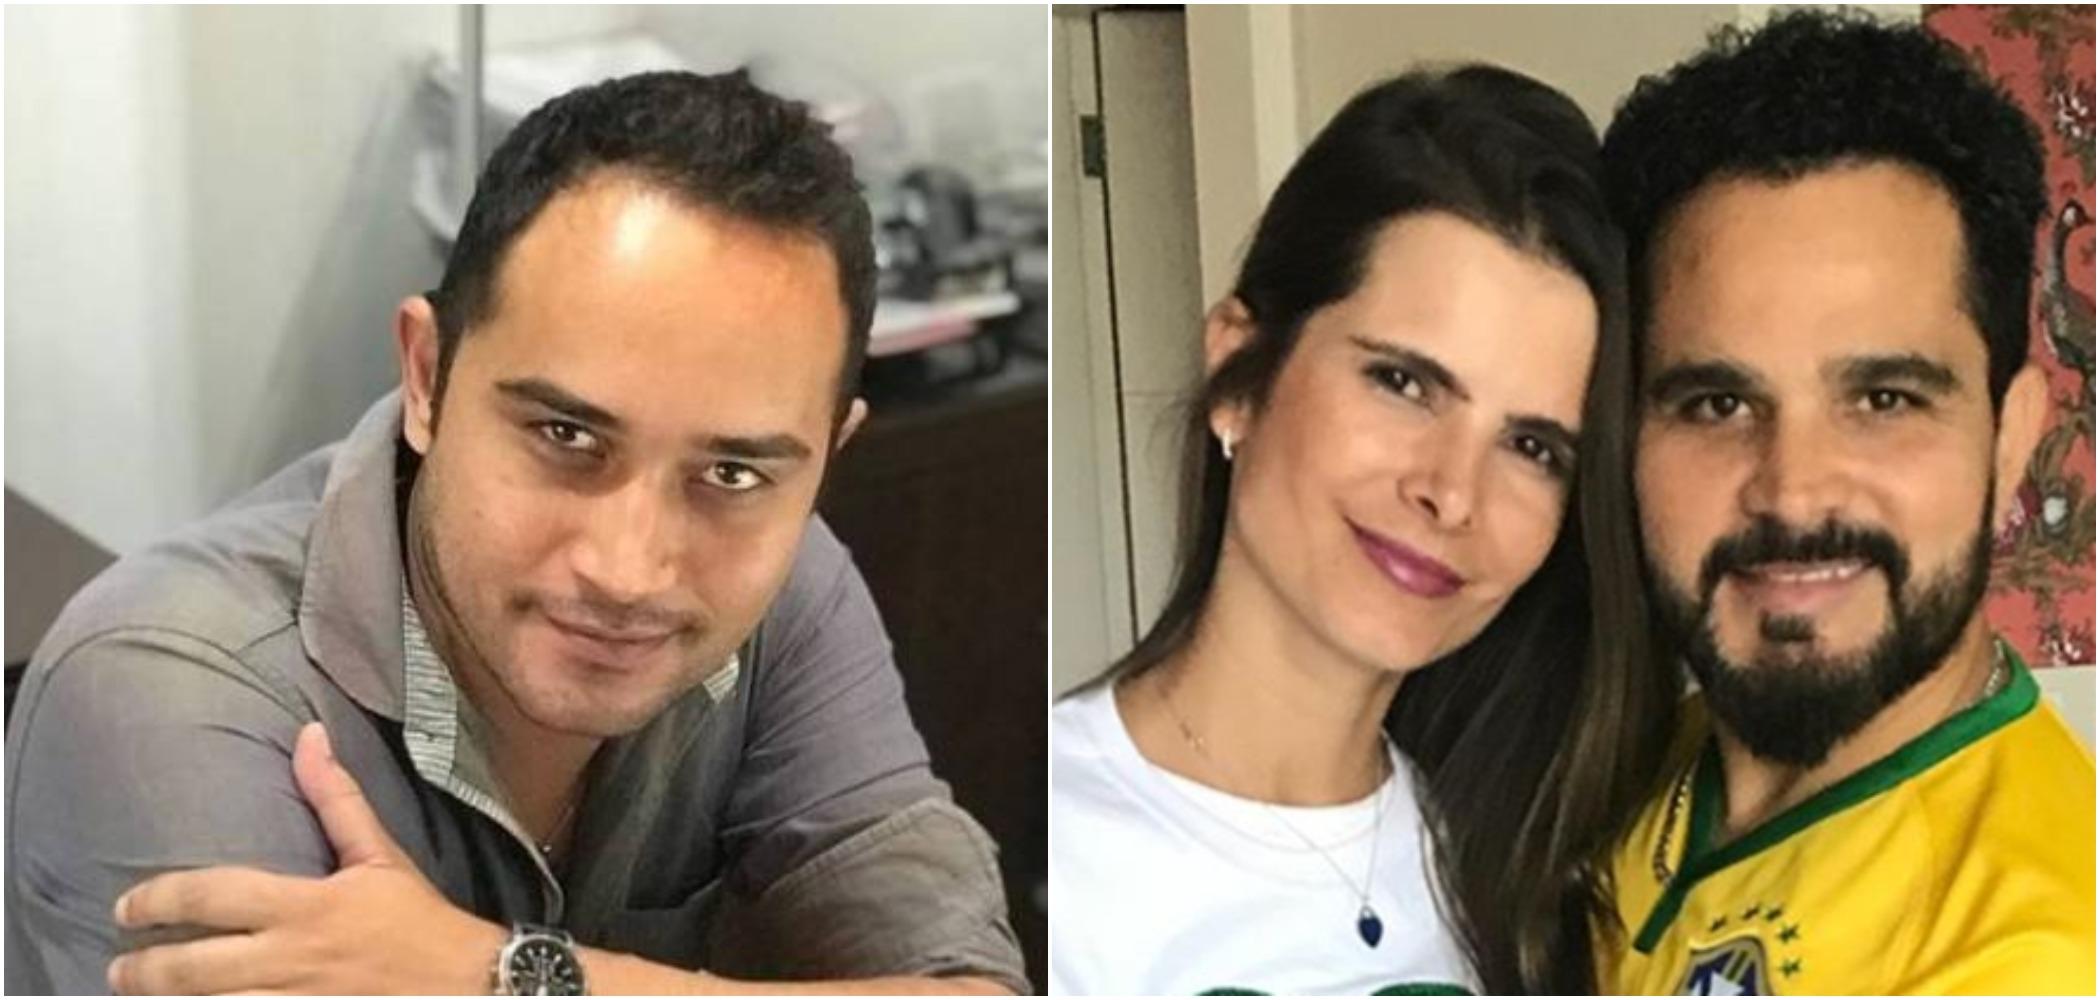 Wesley Camargo, Luciano Camargo e atual mulher do sertanejo, Flávia Camargo (Reprodução)